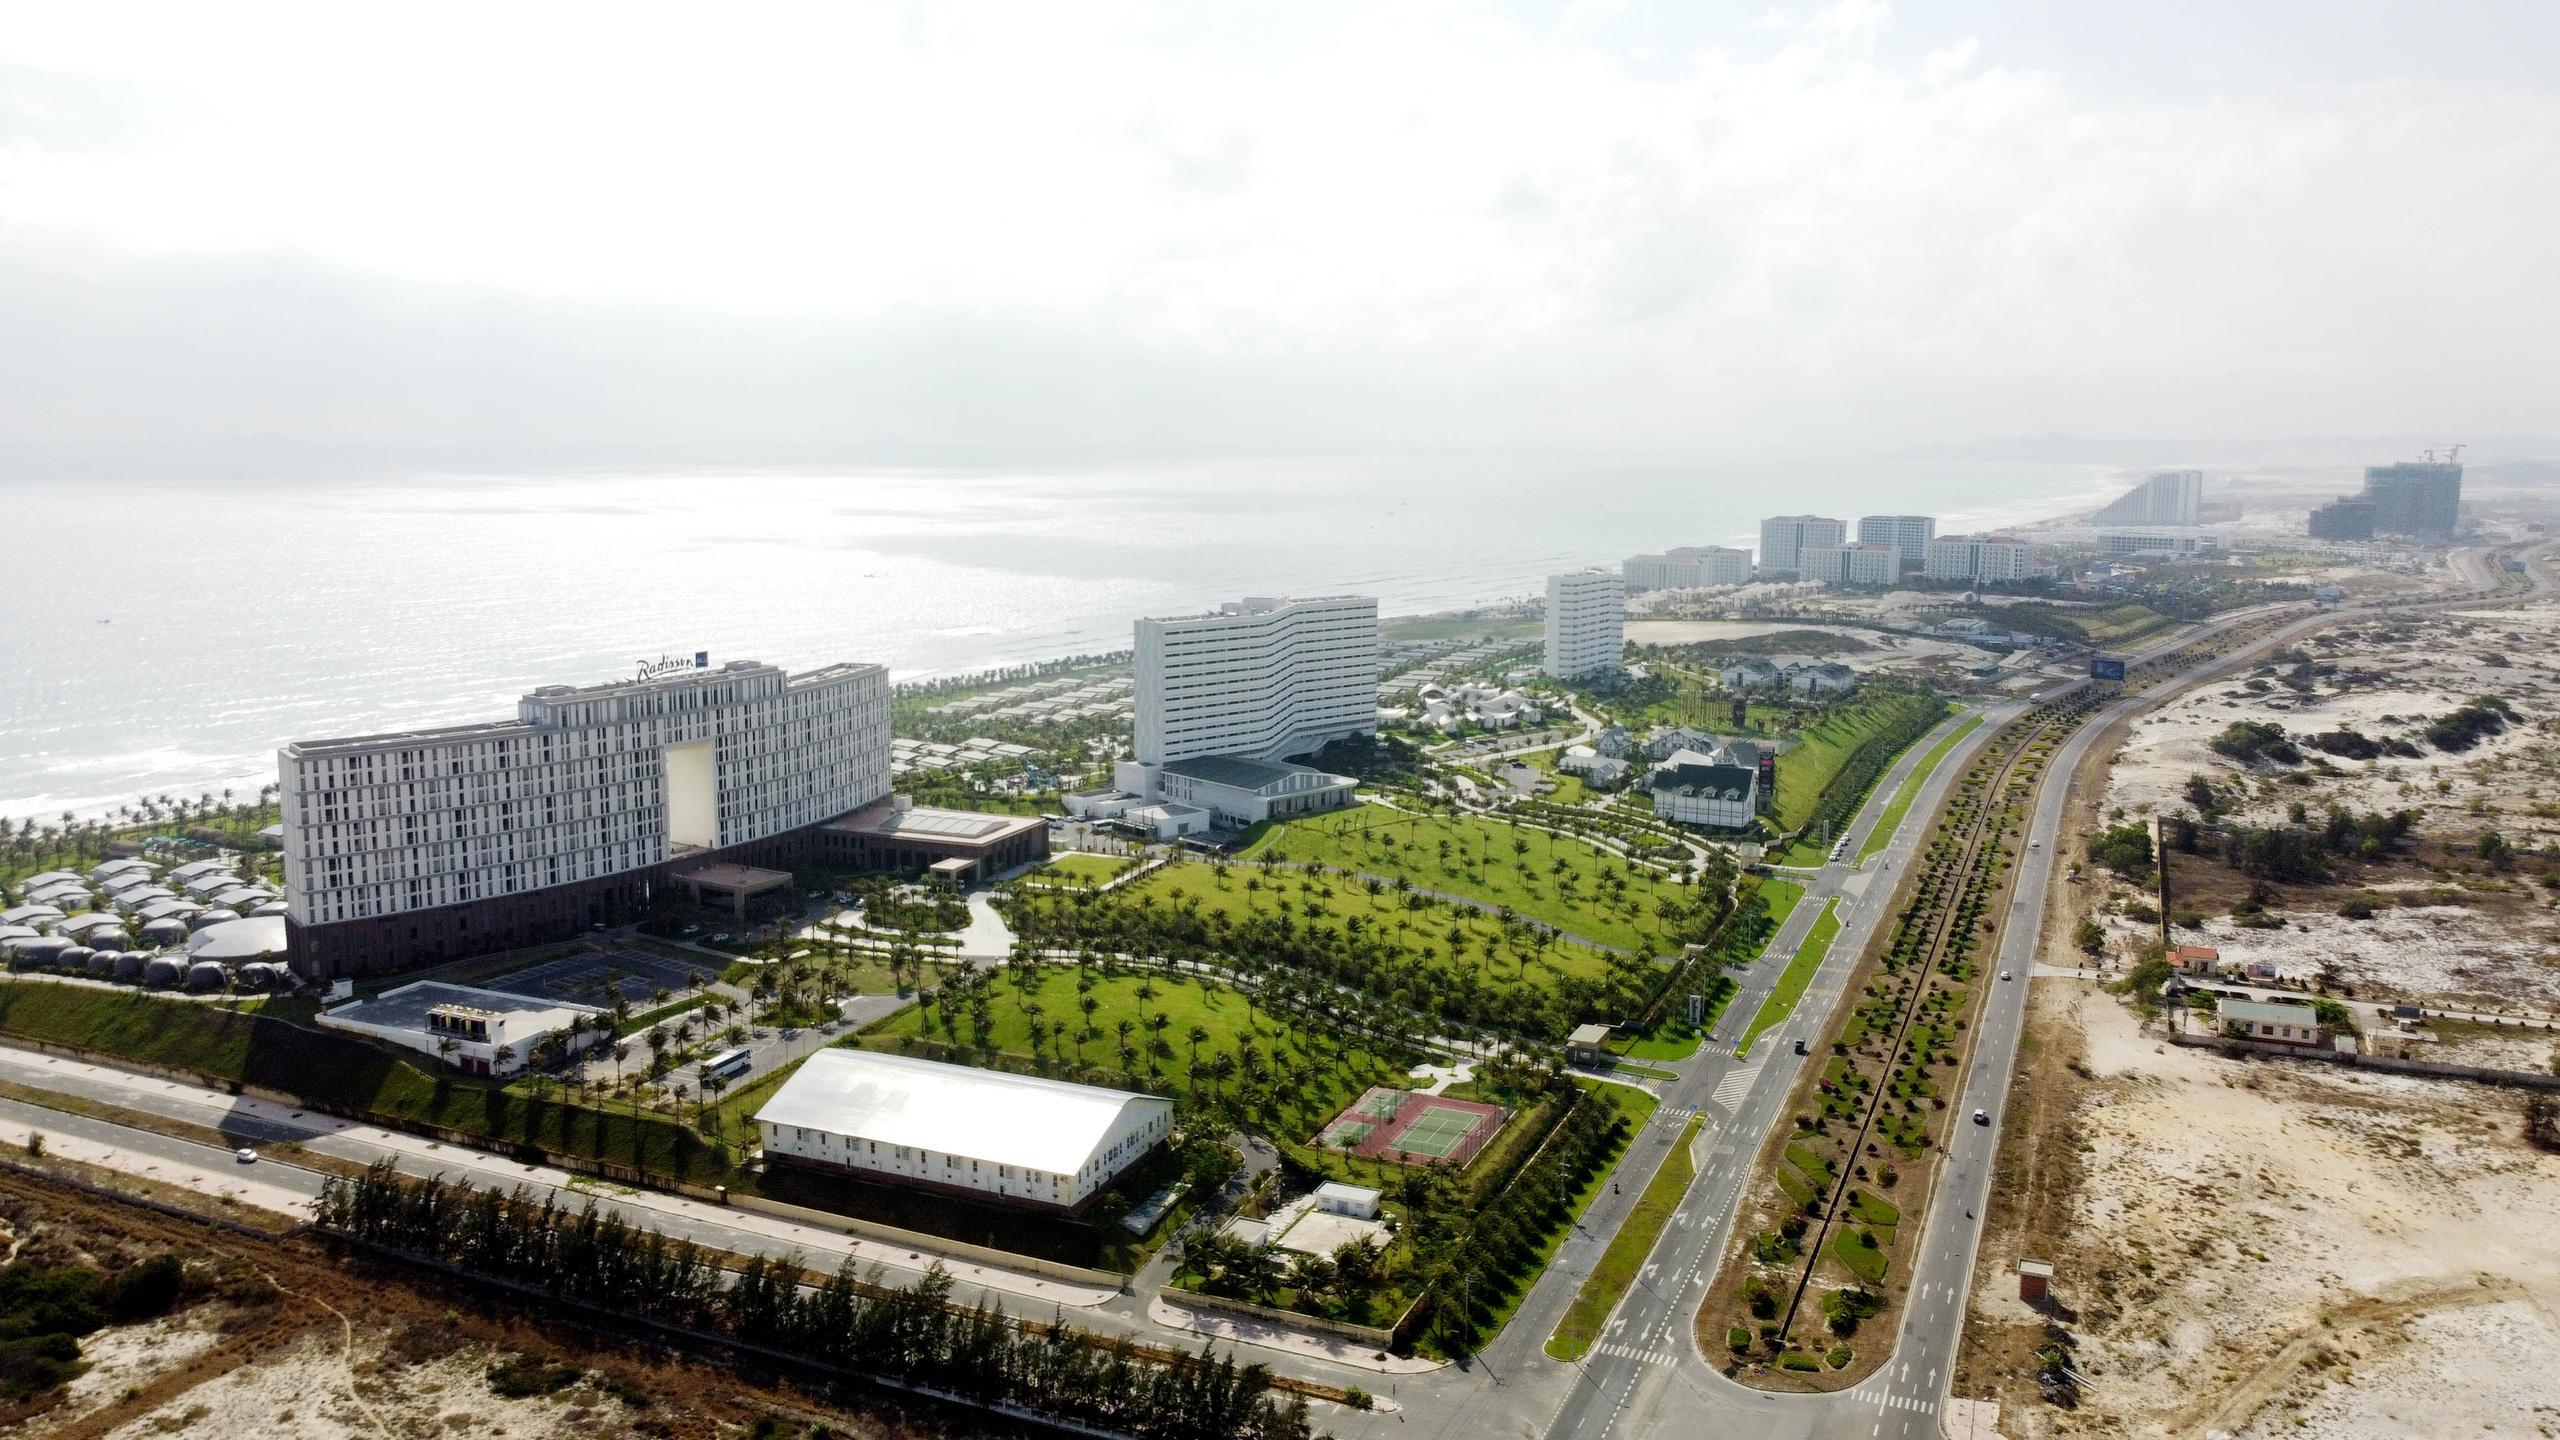 Khánh Hòa cần hơn 111.000 tỷ đồng để phát triển đô thị giai đoạn 2021 - 2025  - Ảnh 2.